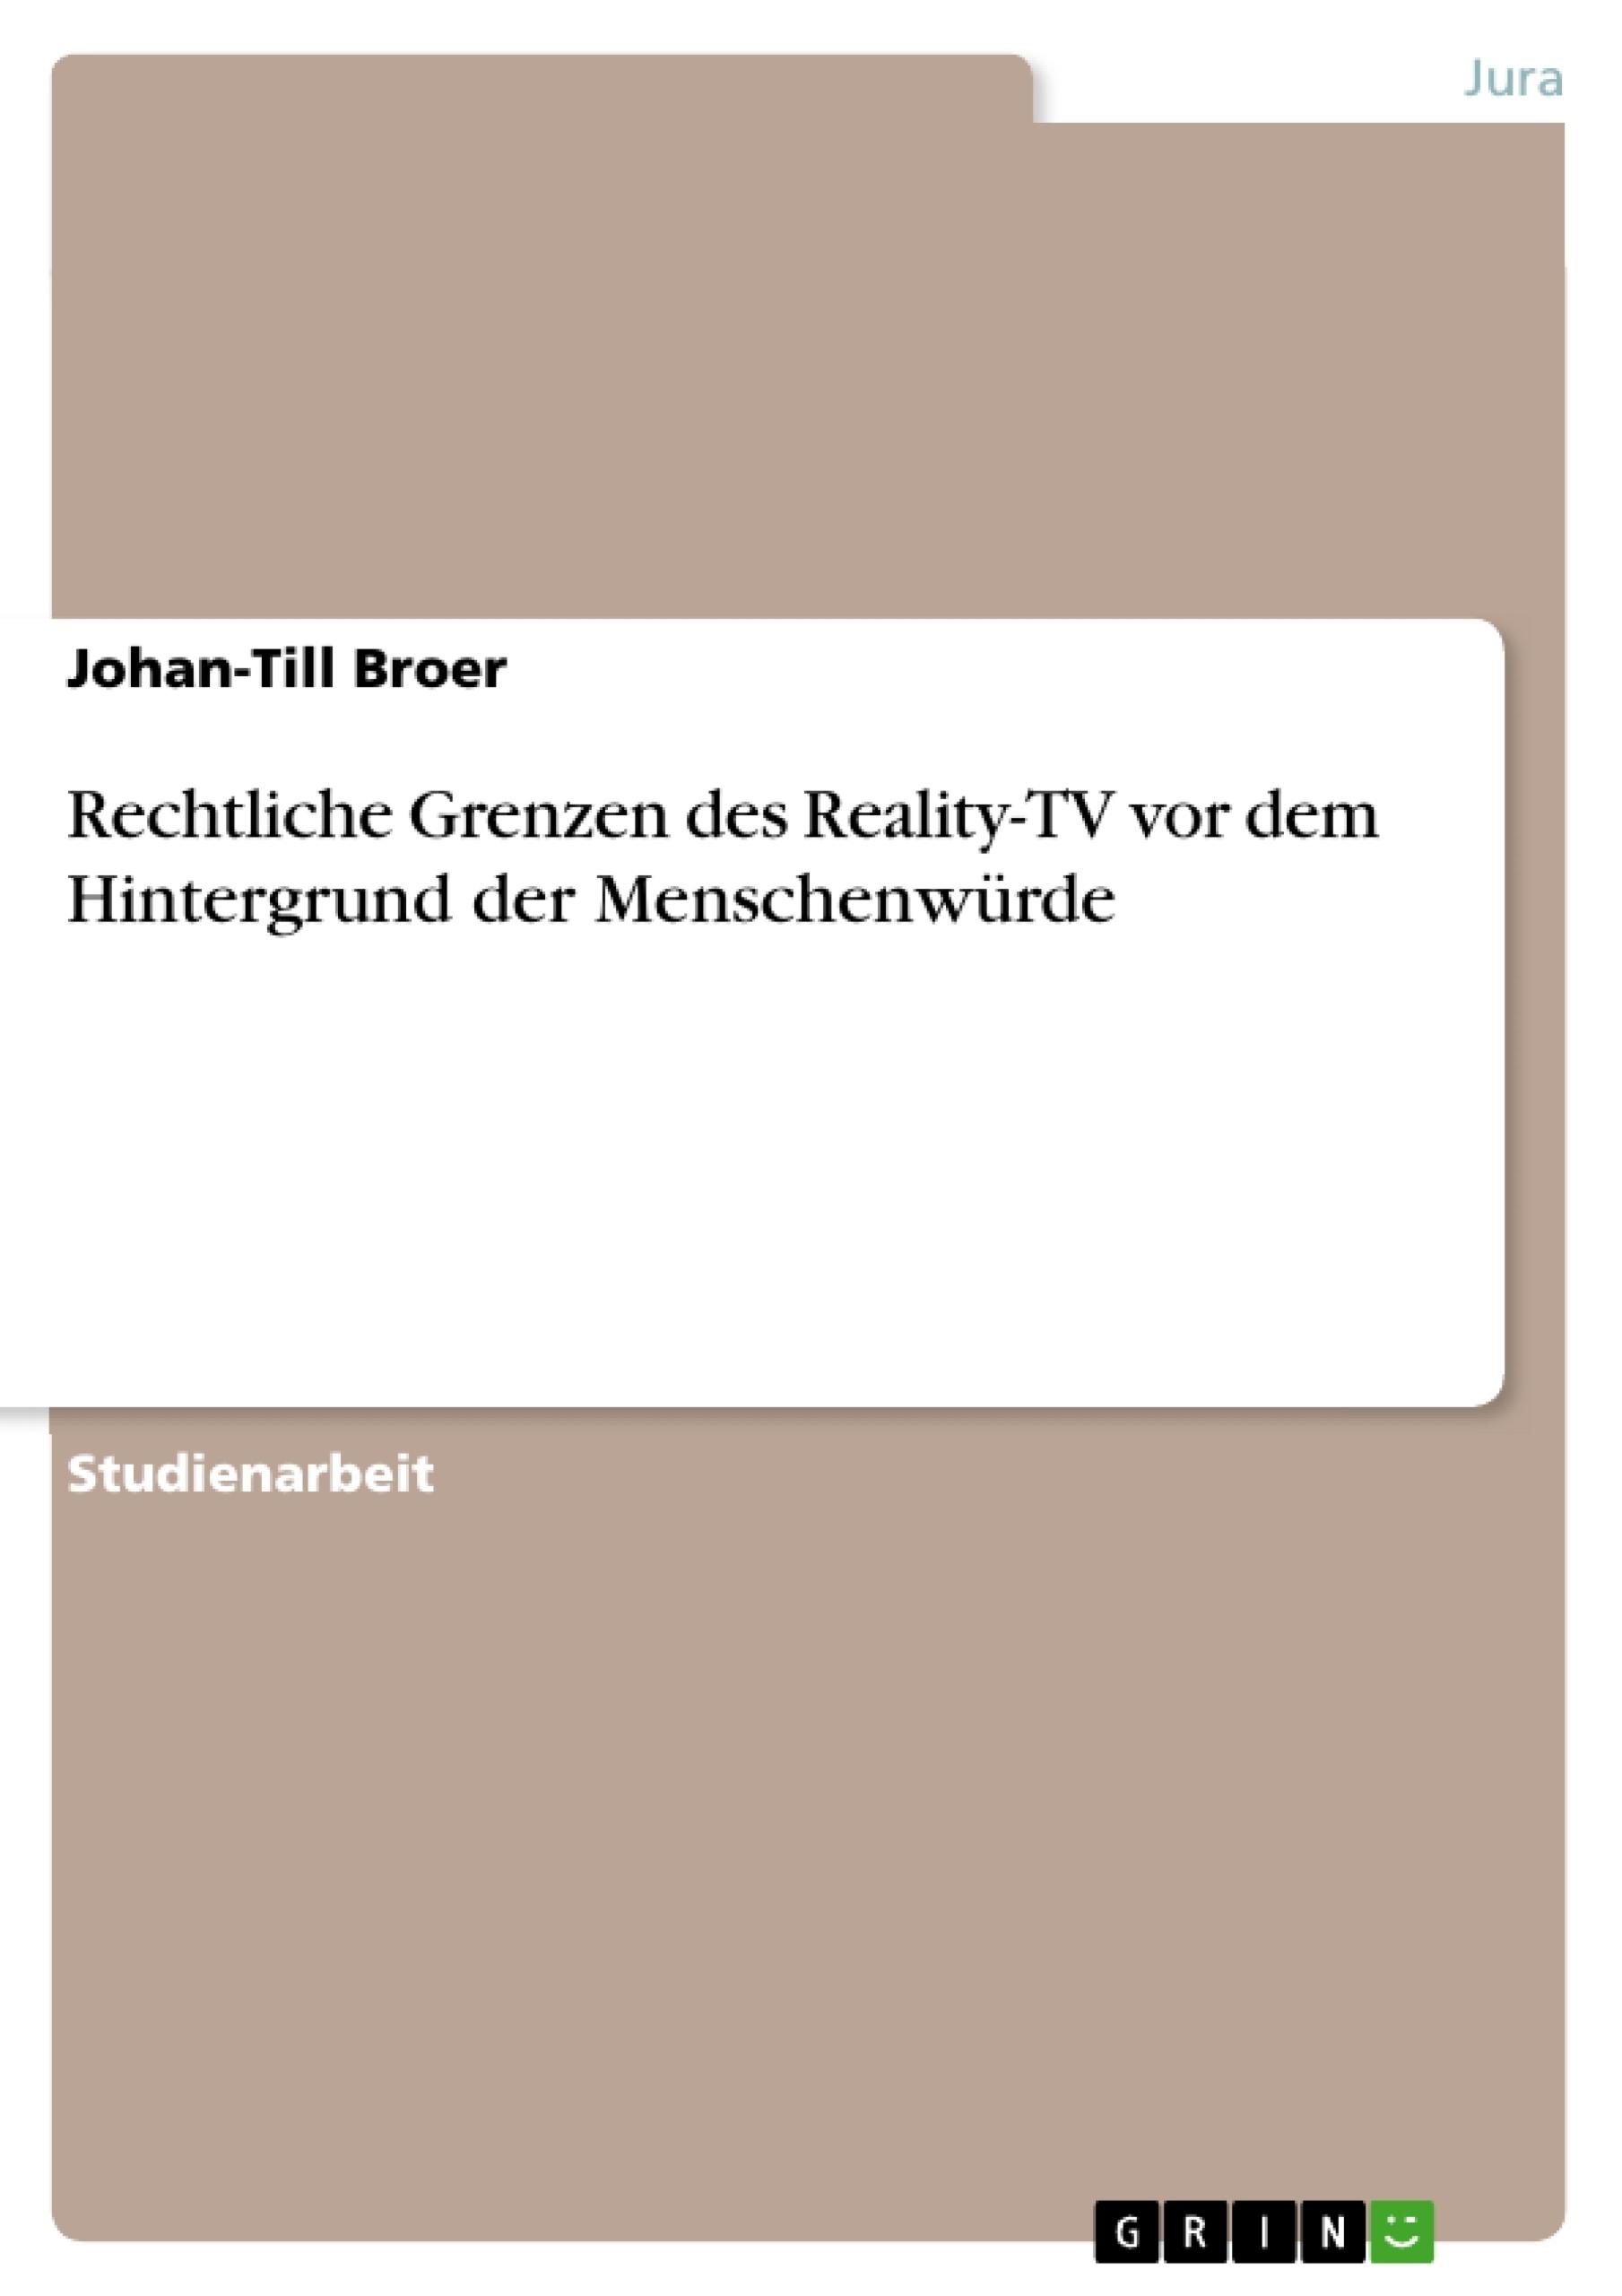 Rechtliche Grenzen des Reality-TV vor dem Hintergrund der ...